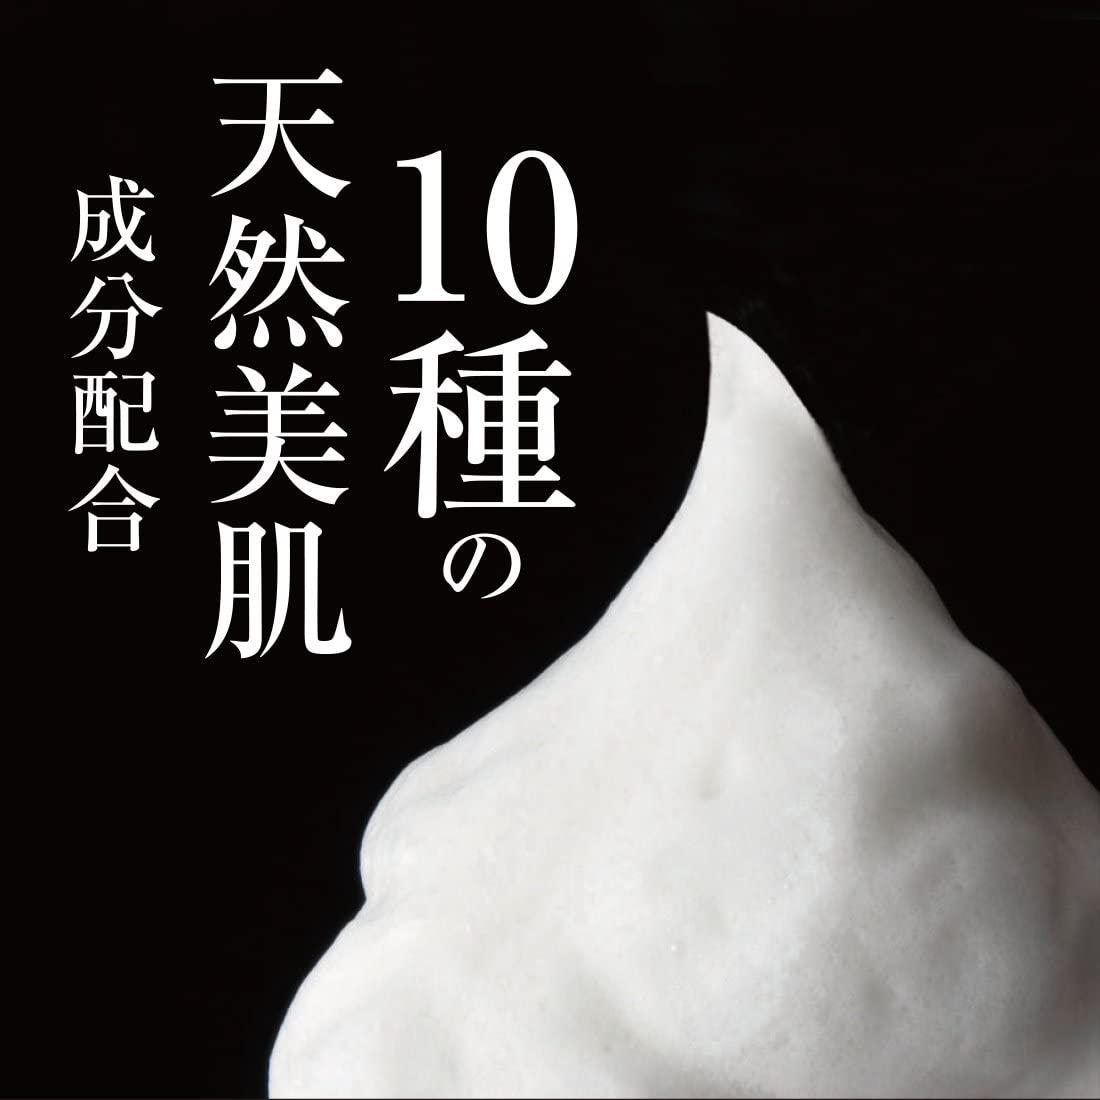 自然ごこち(シゼンゴコチ) 茶 洗顔石けんの商品画像6